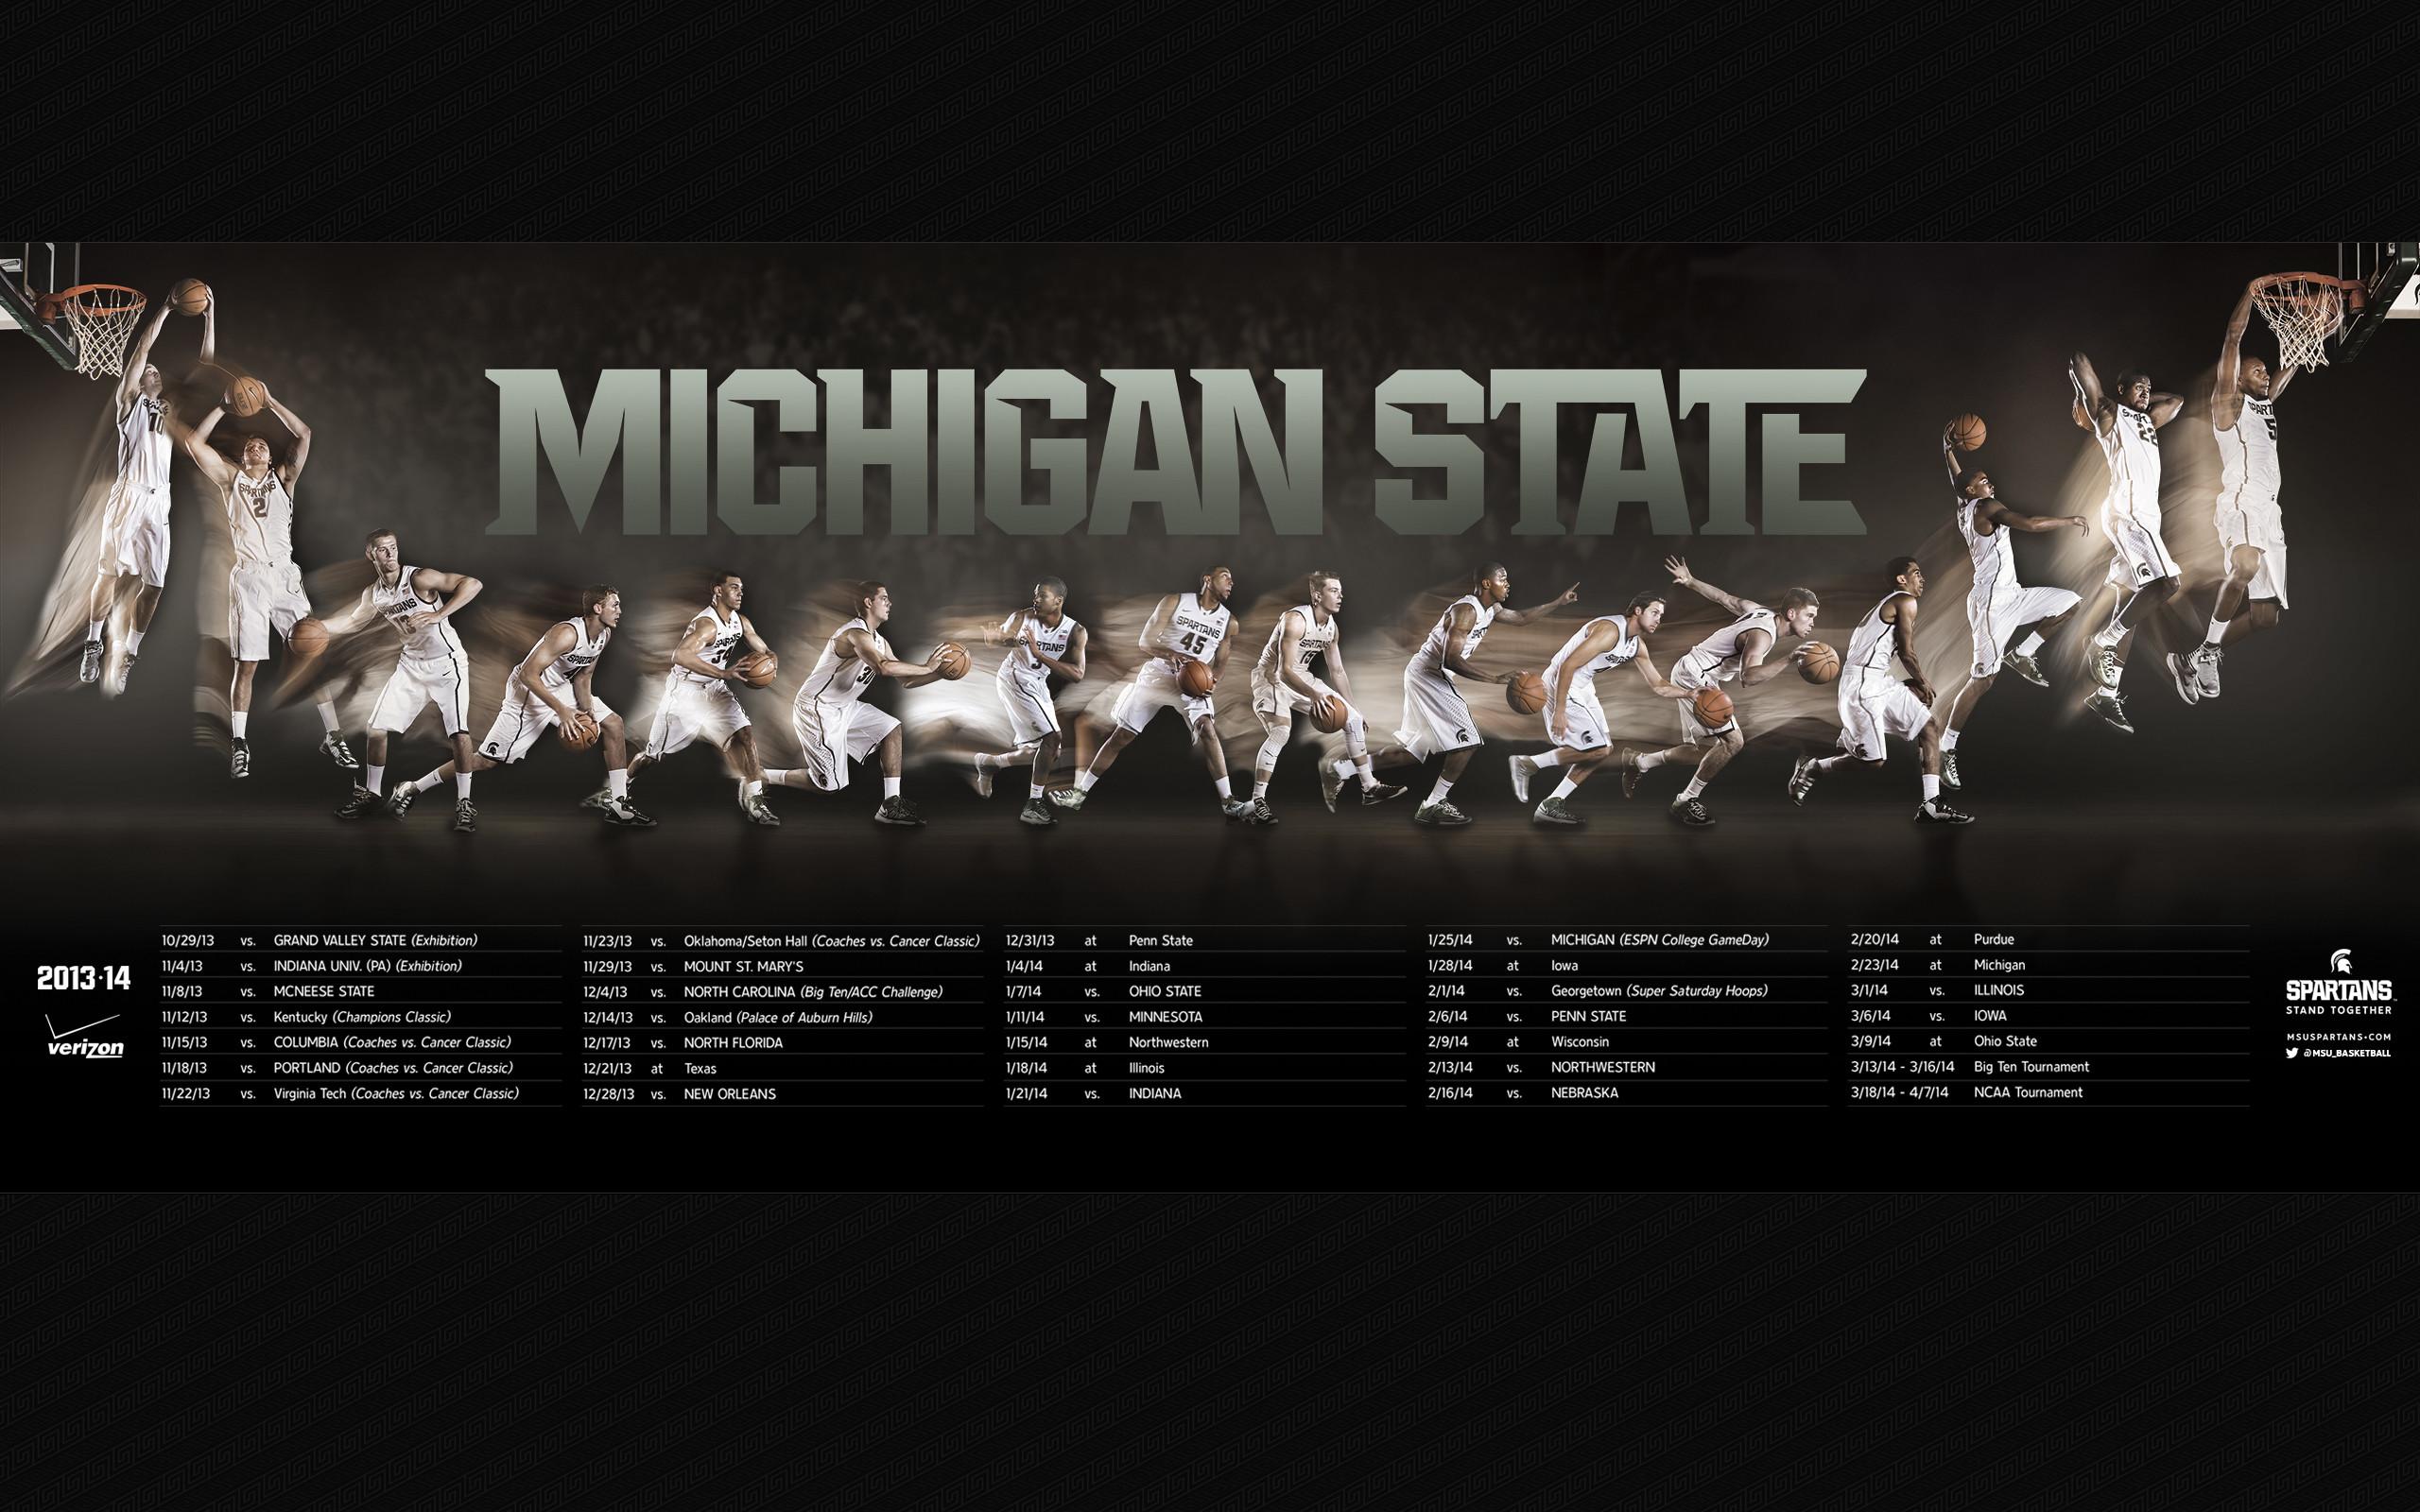 Michigan State Spartans Football Wallpaper .com/schools/msu/graphics/